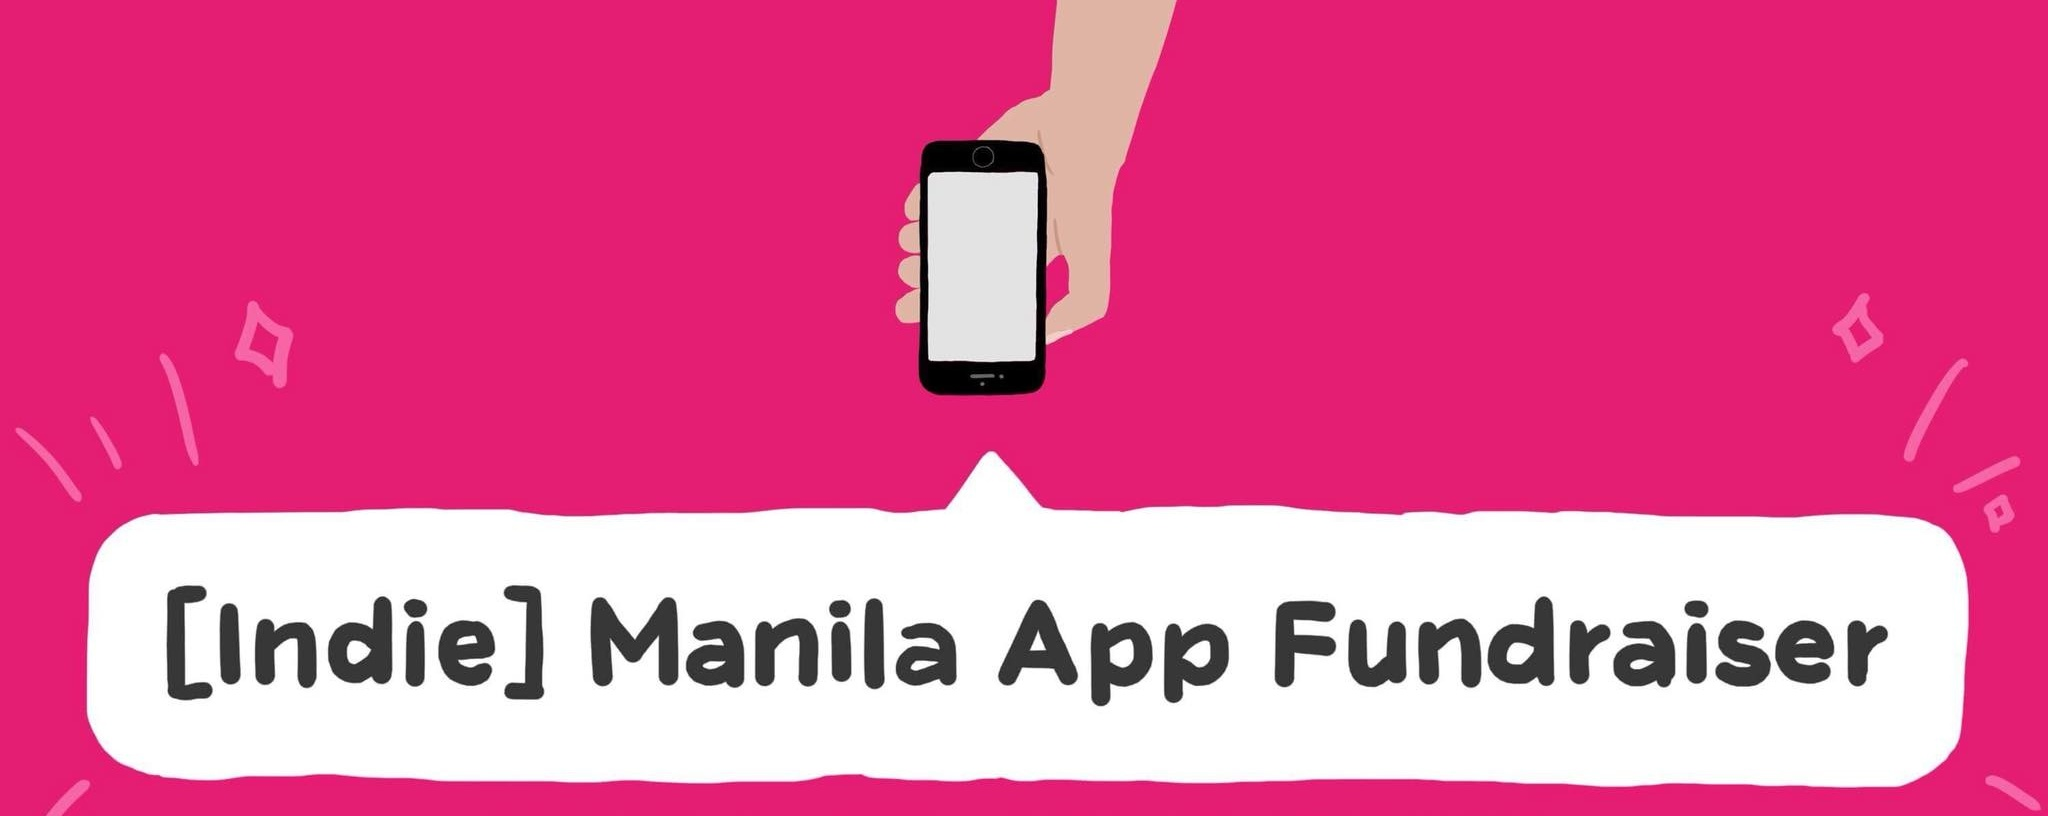 [Indie] Manila App Fundraiser